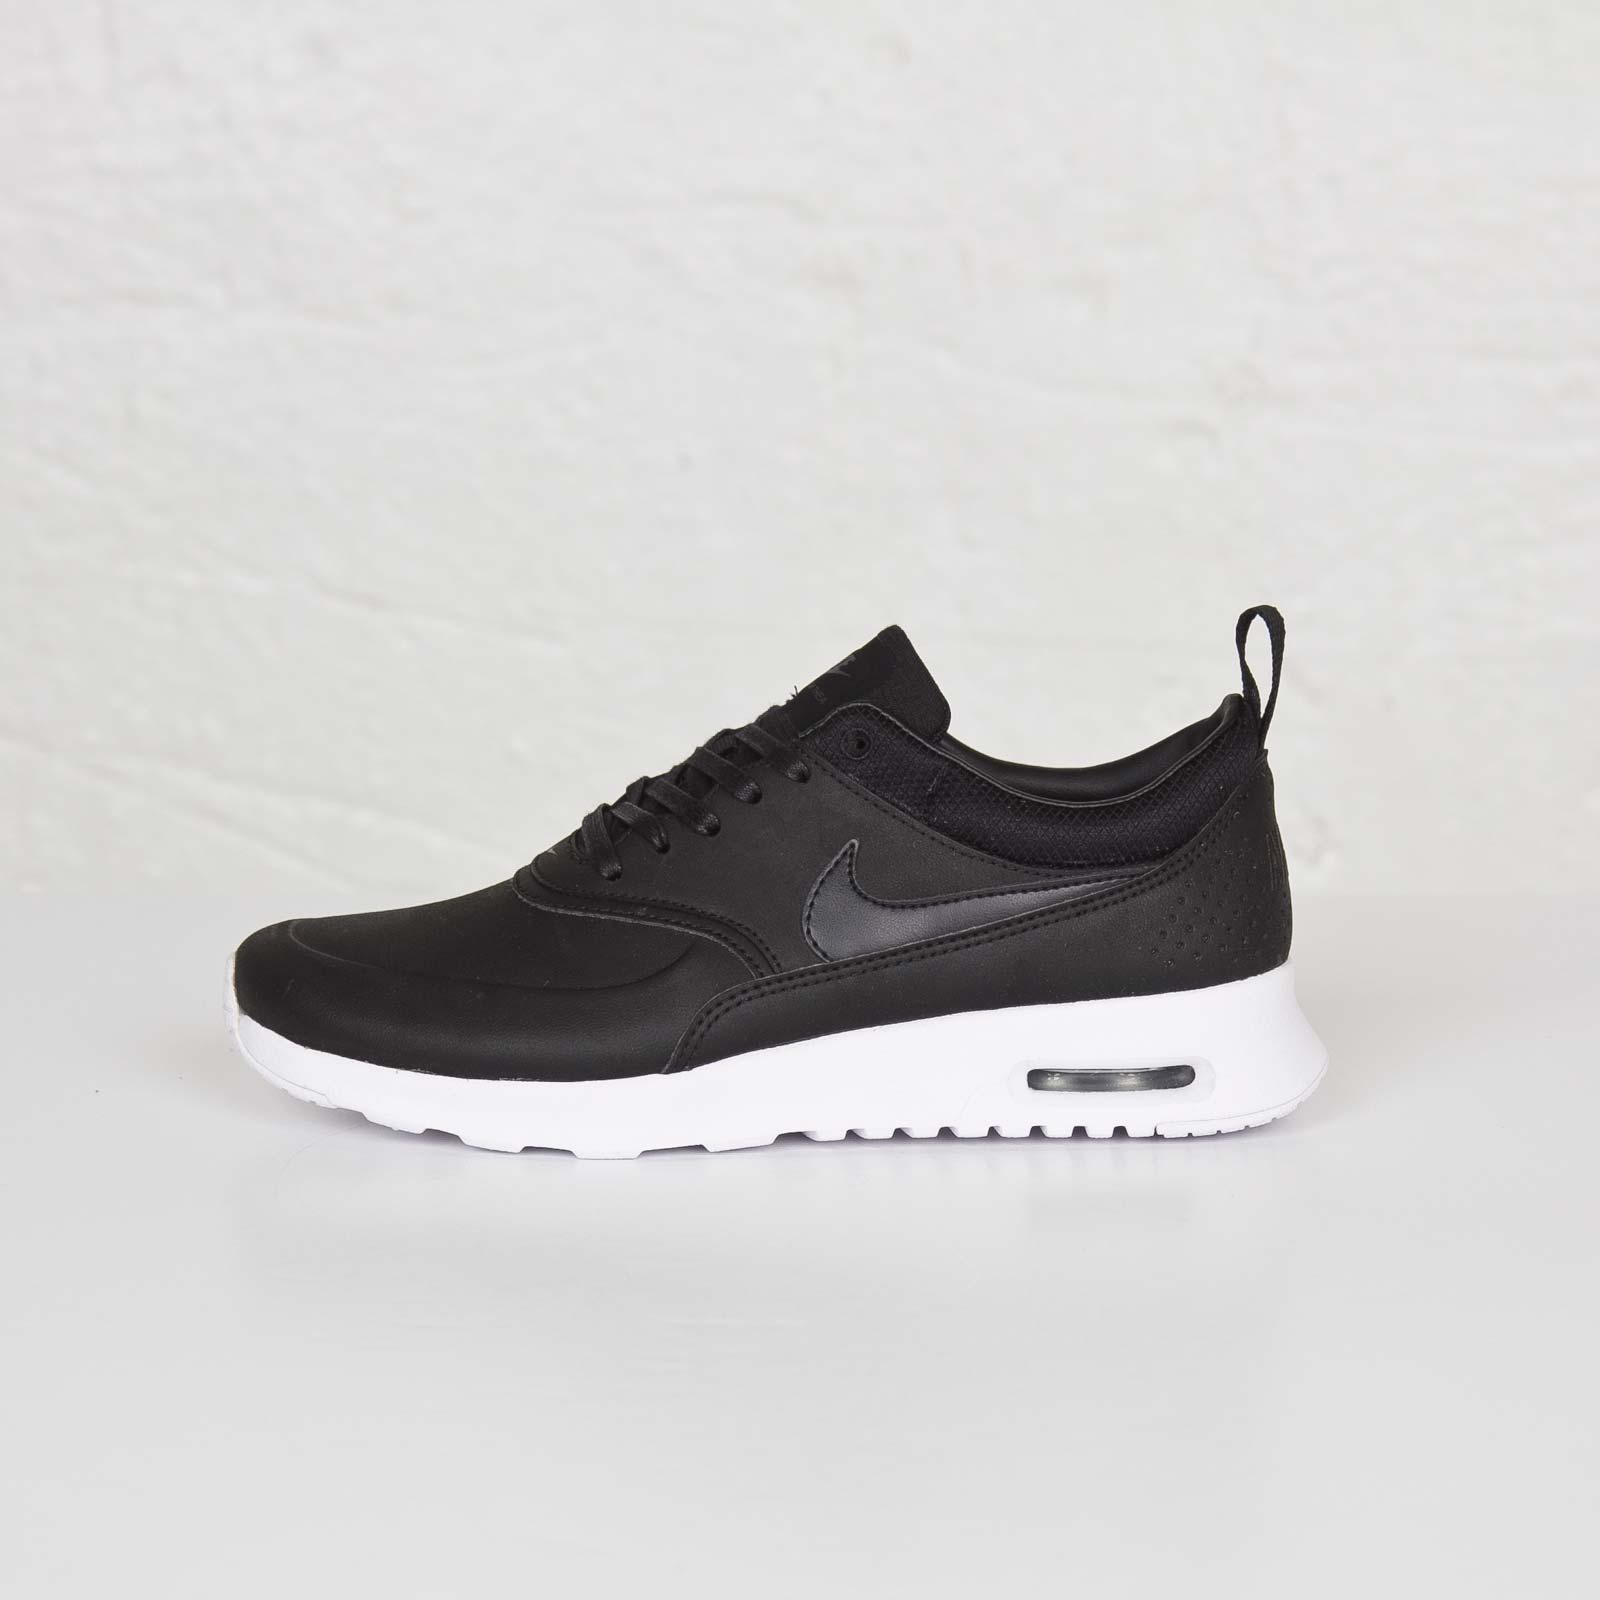 Nike Wmns Air Max Thea Premium Damen Nike Air Max Thea